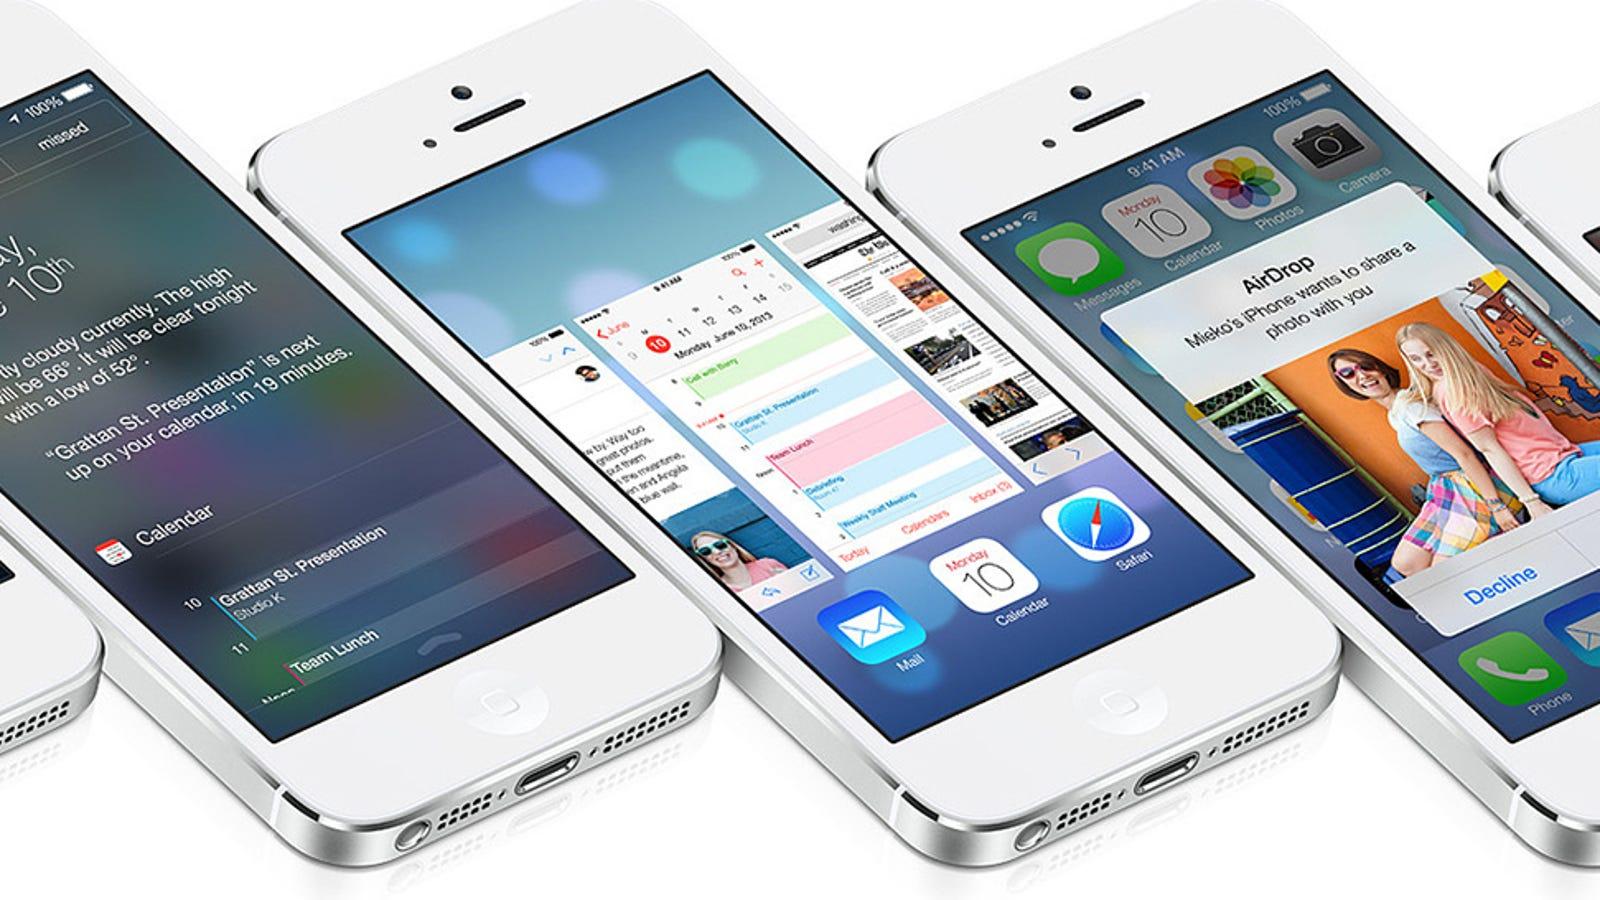 Un fallo en iOS 7 desactiva Find my iPhone y elimina cuenta de iCloud